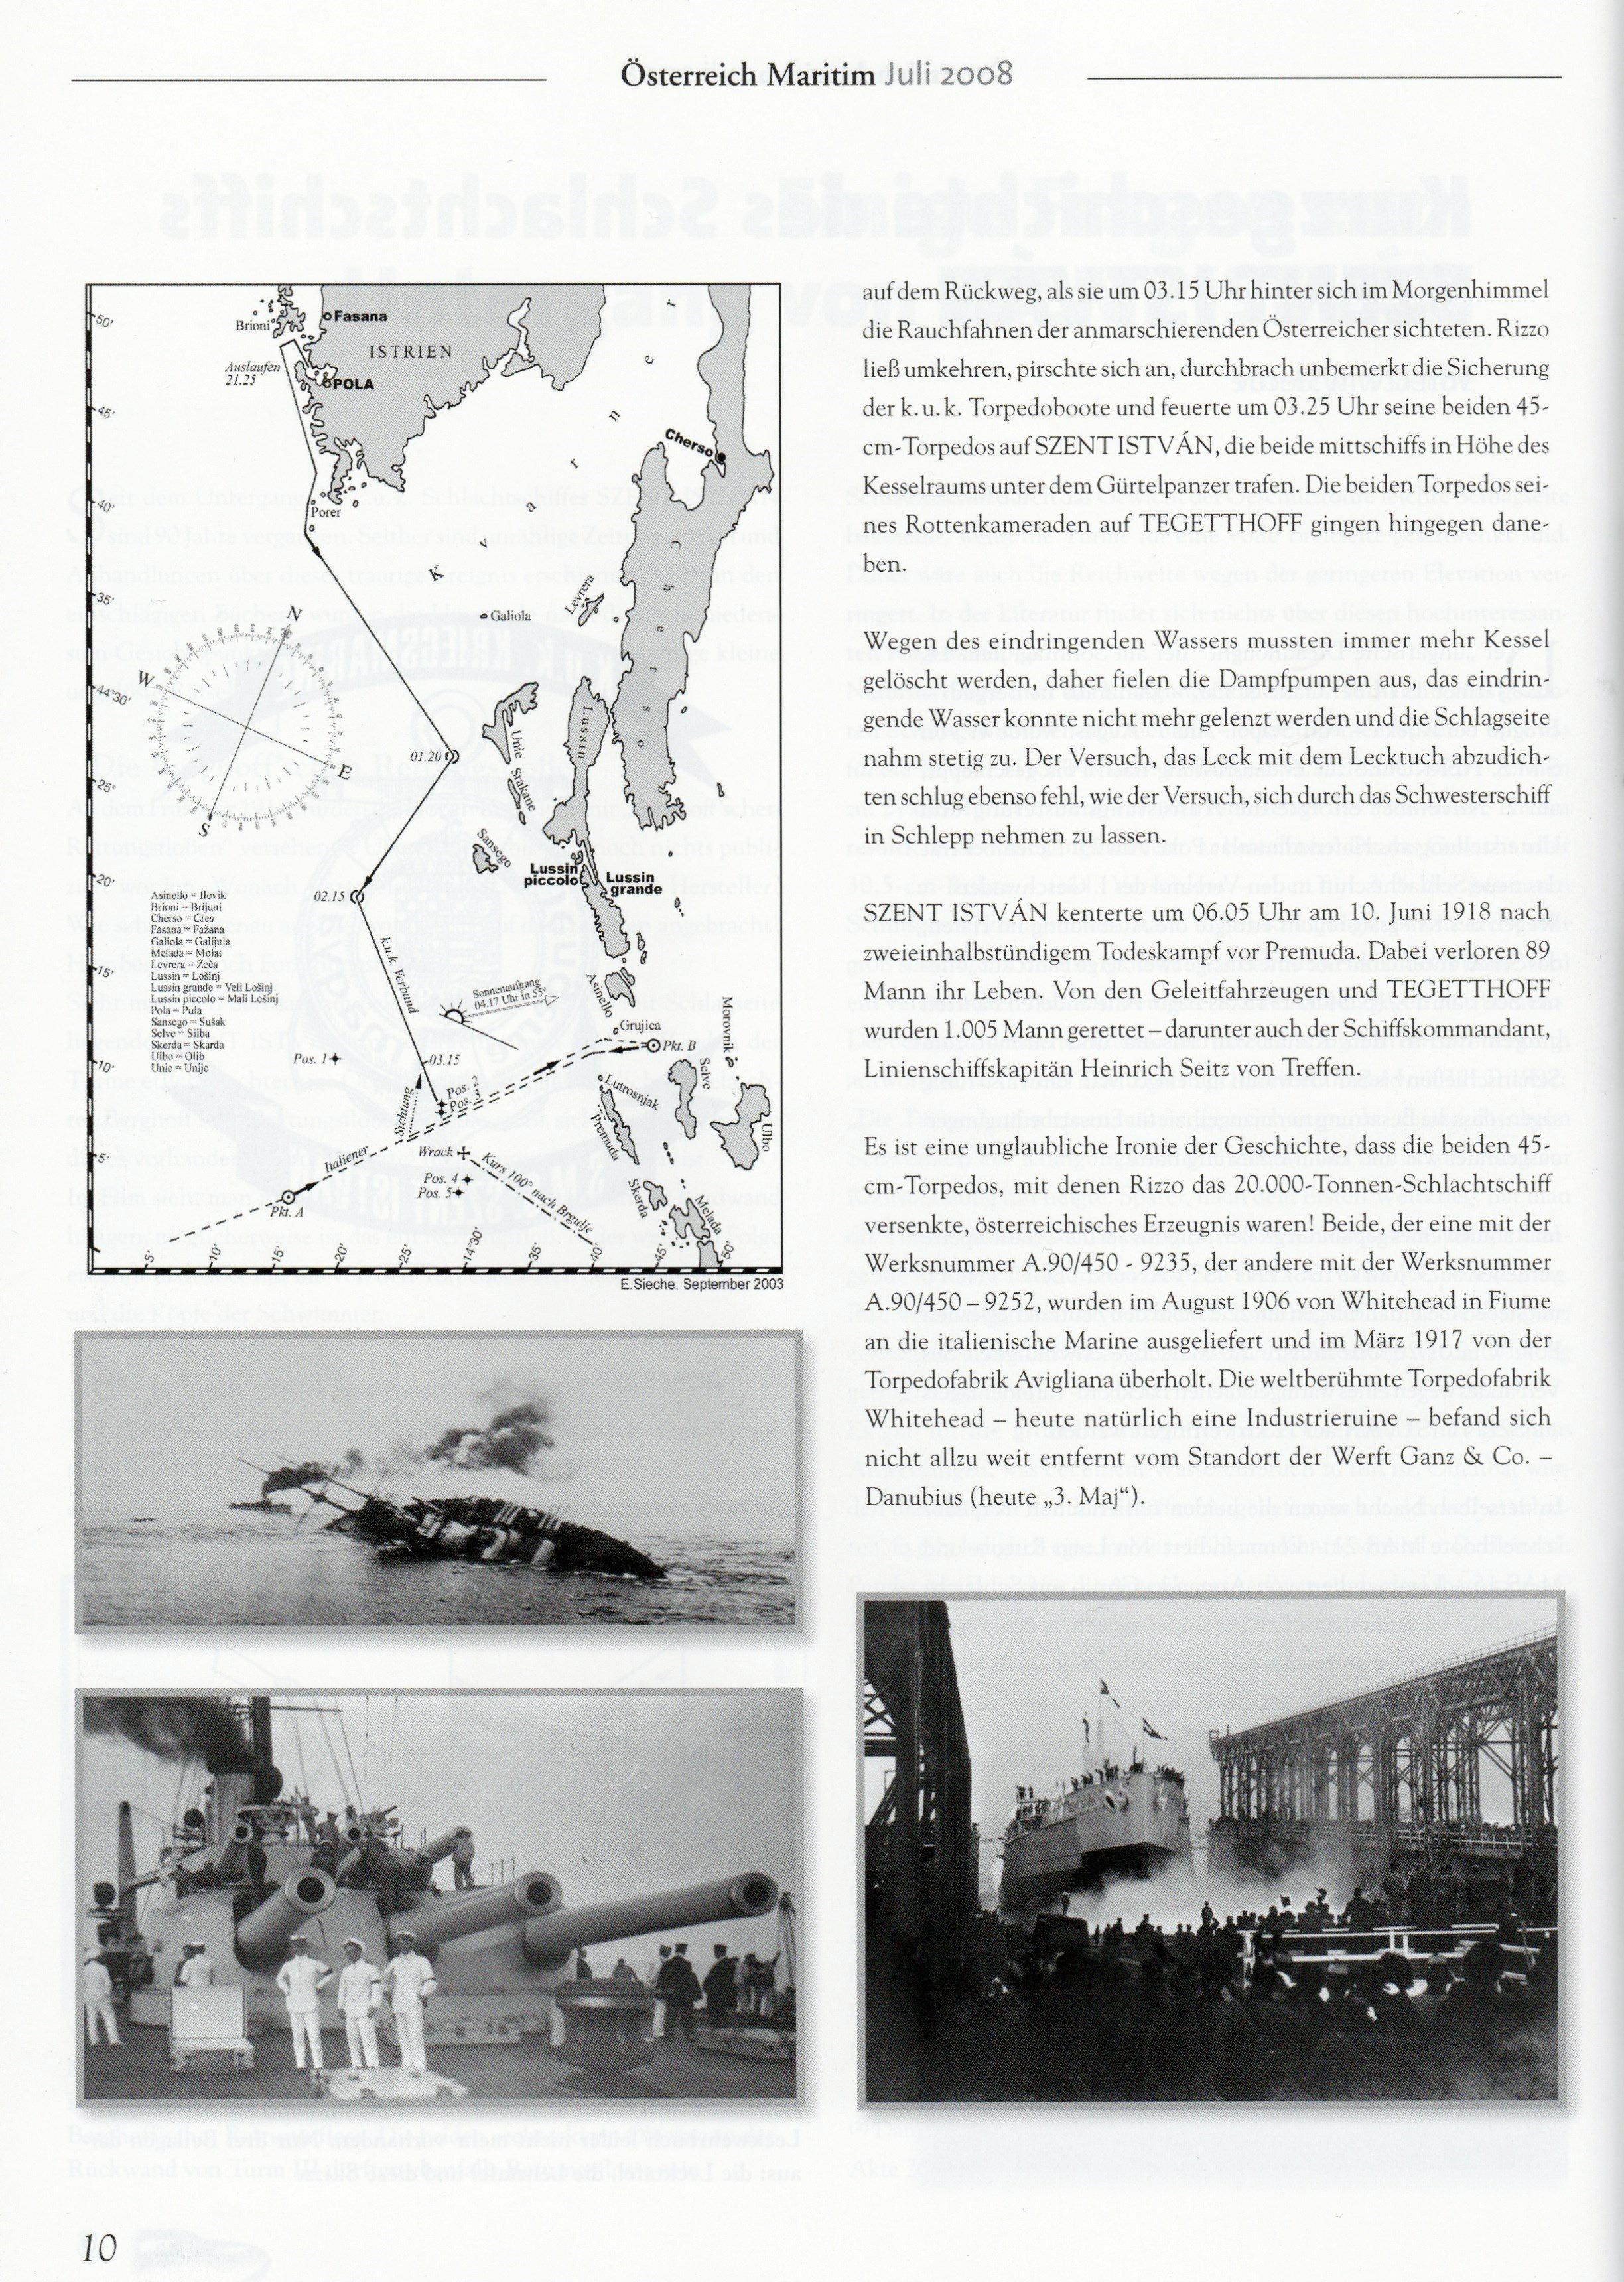 https://0901.nccdn.net/4_2/000/000/008/486/Osterreich-Maritim-Inside-2448x3440.jpg